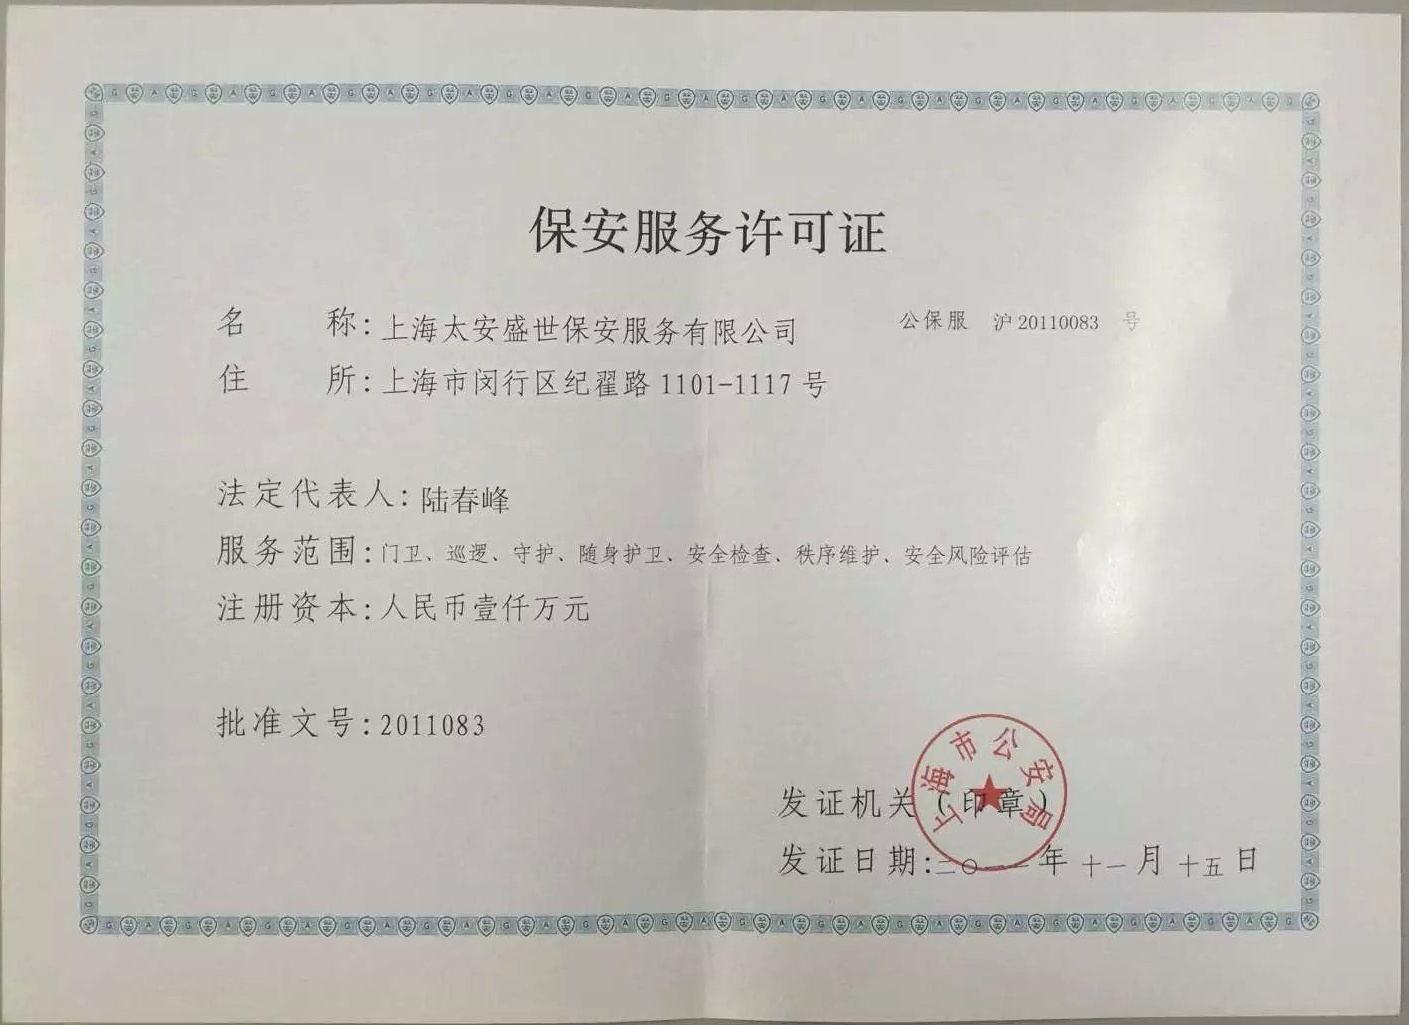 上海太安盛世保安服务许可证